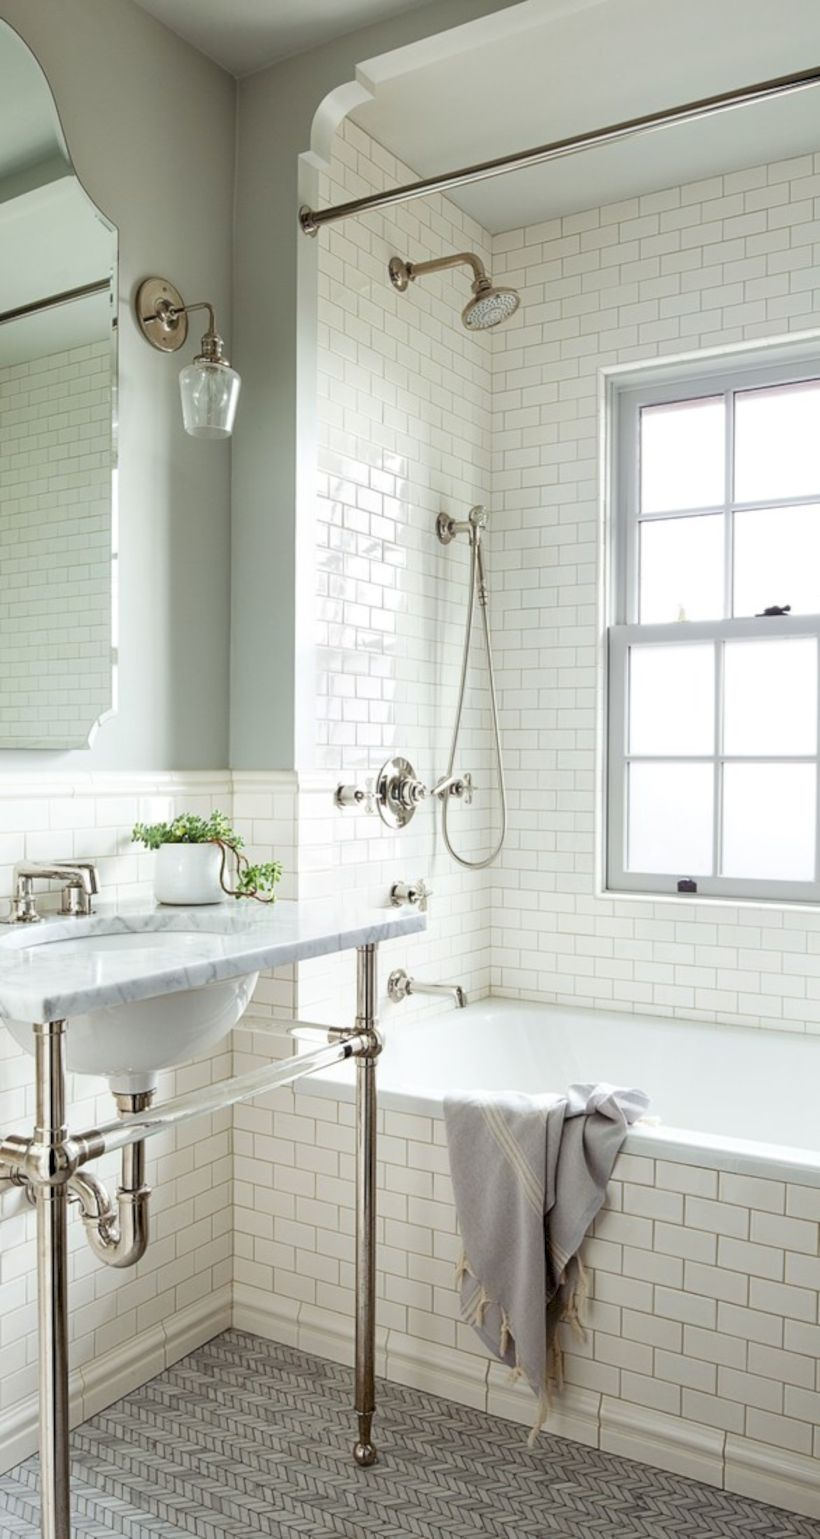 45 Small Bathrooms with Bathtub Ideas   Bathtub ideas, Small ...